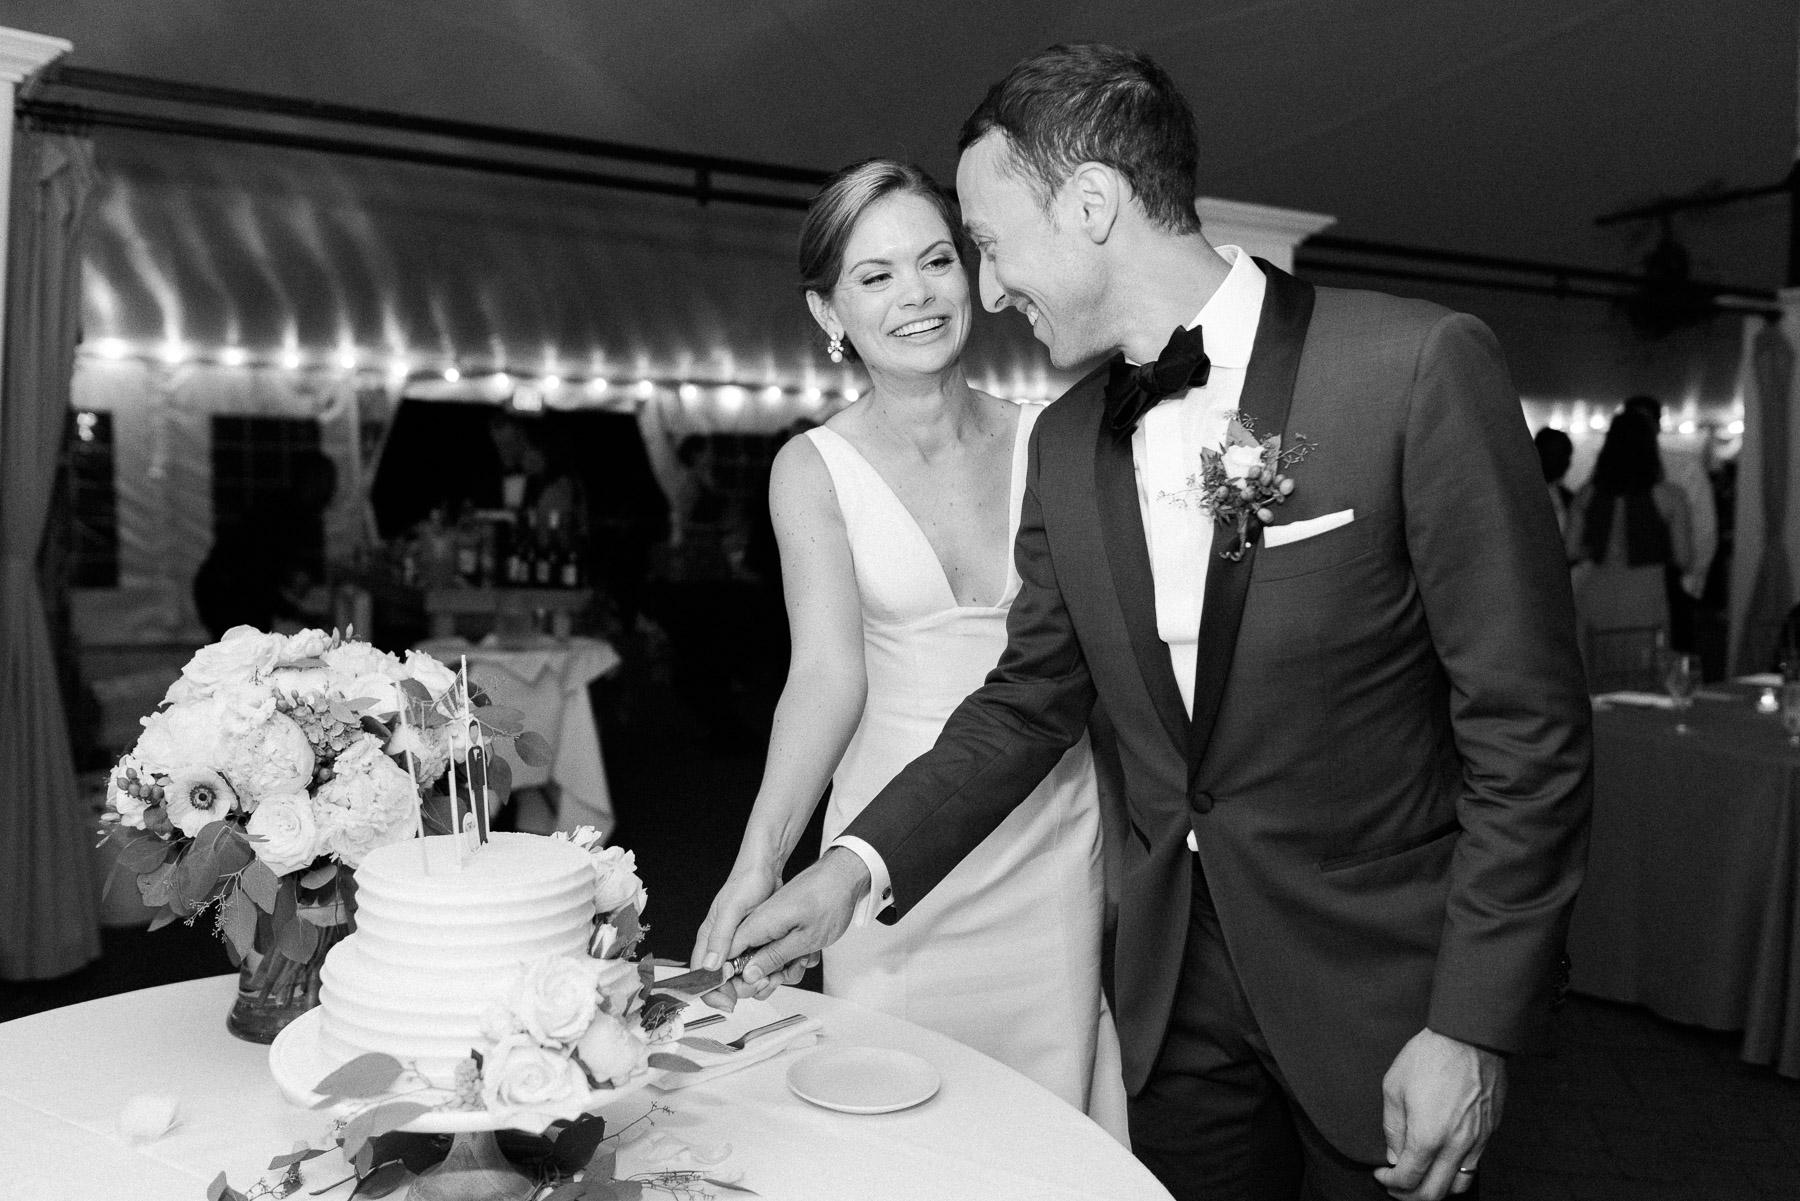 Manchester Vermont Wedding Cake Cutting